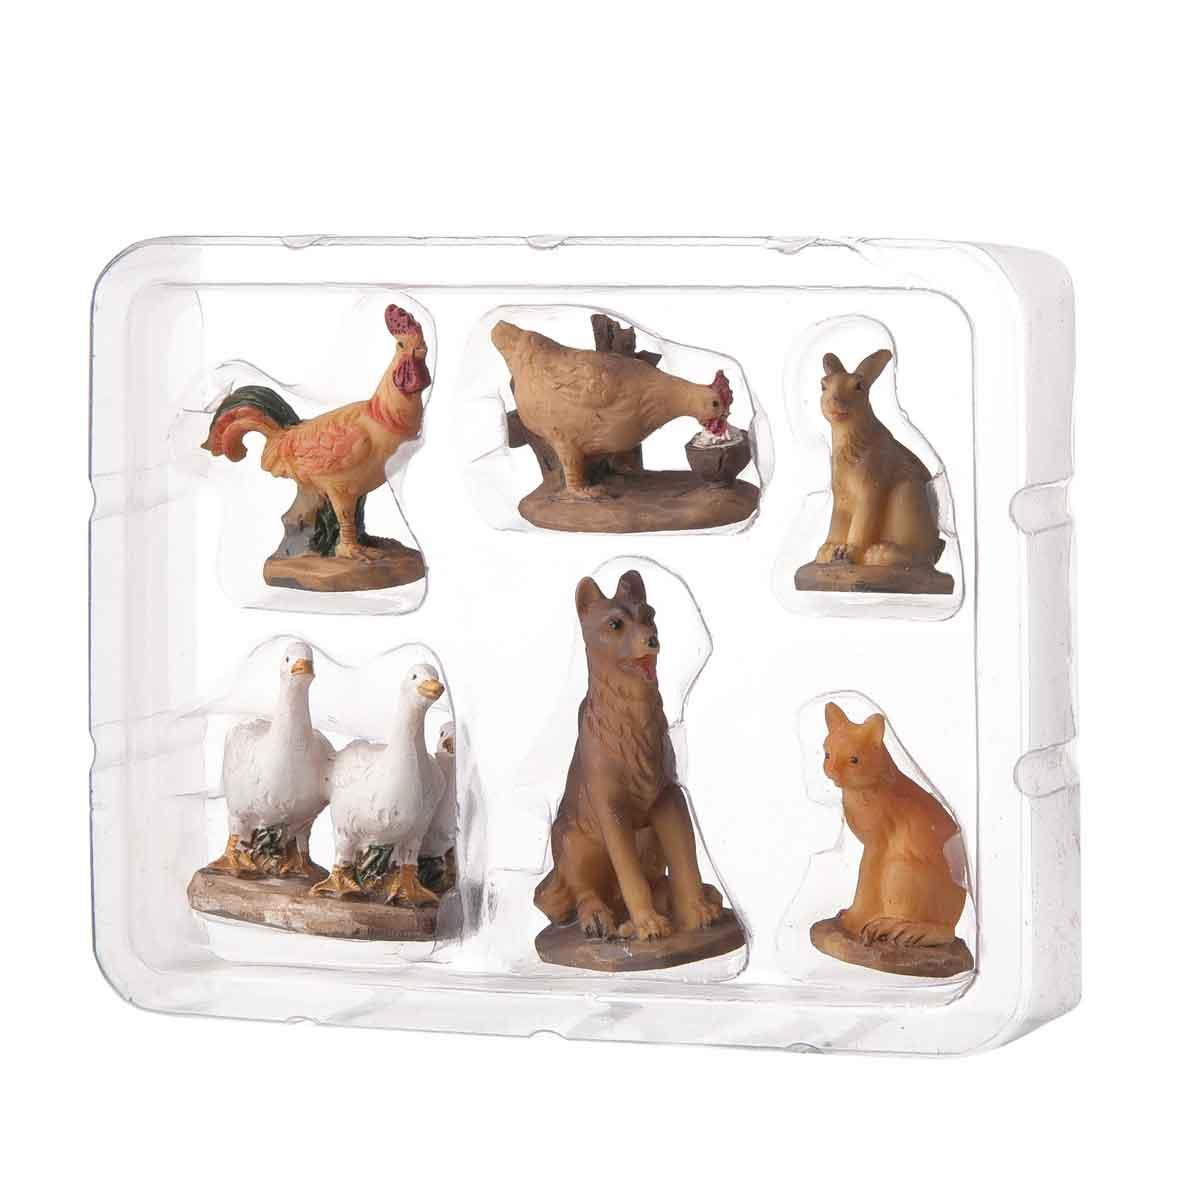 Presepe – Set 6 statuette con animali altezza 3,8cm